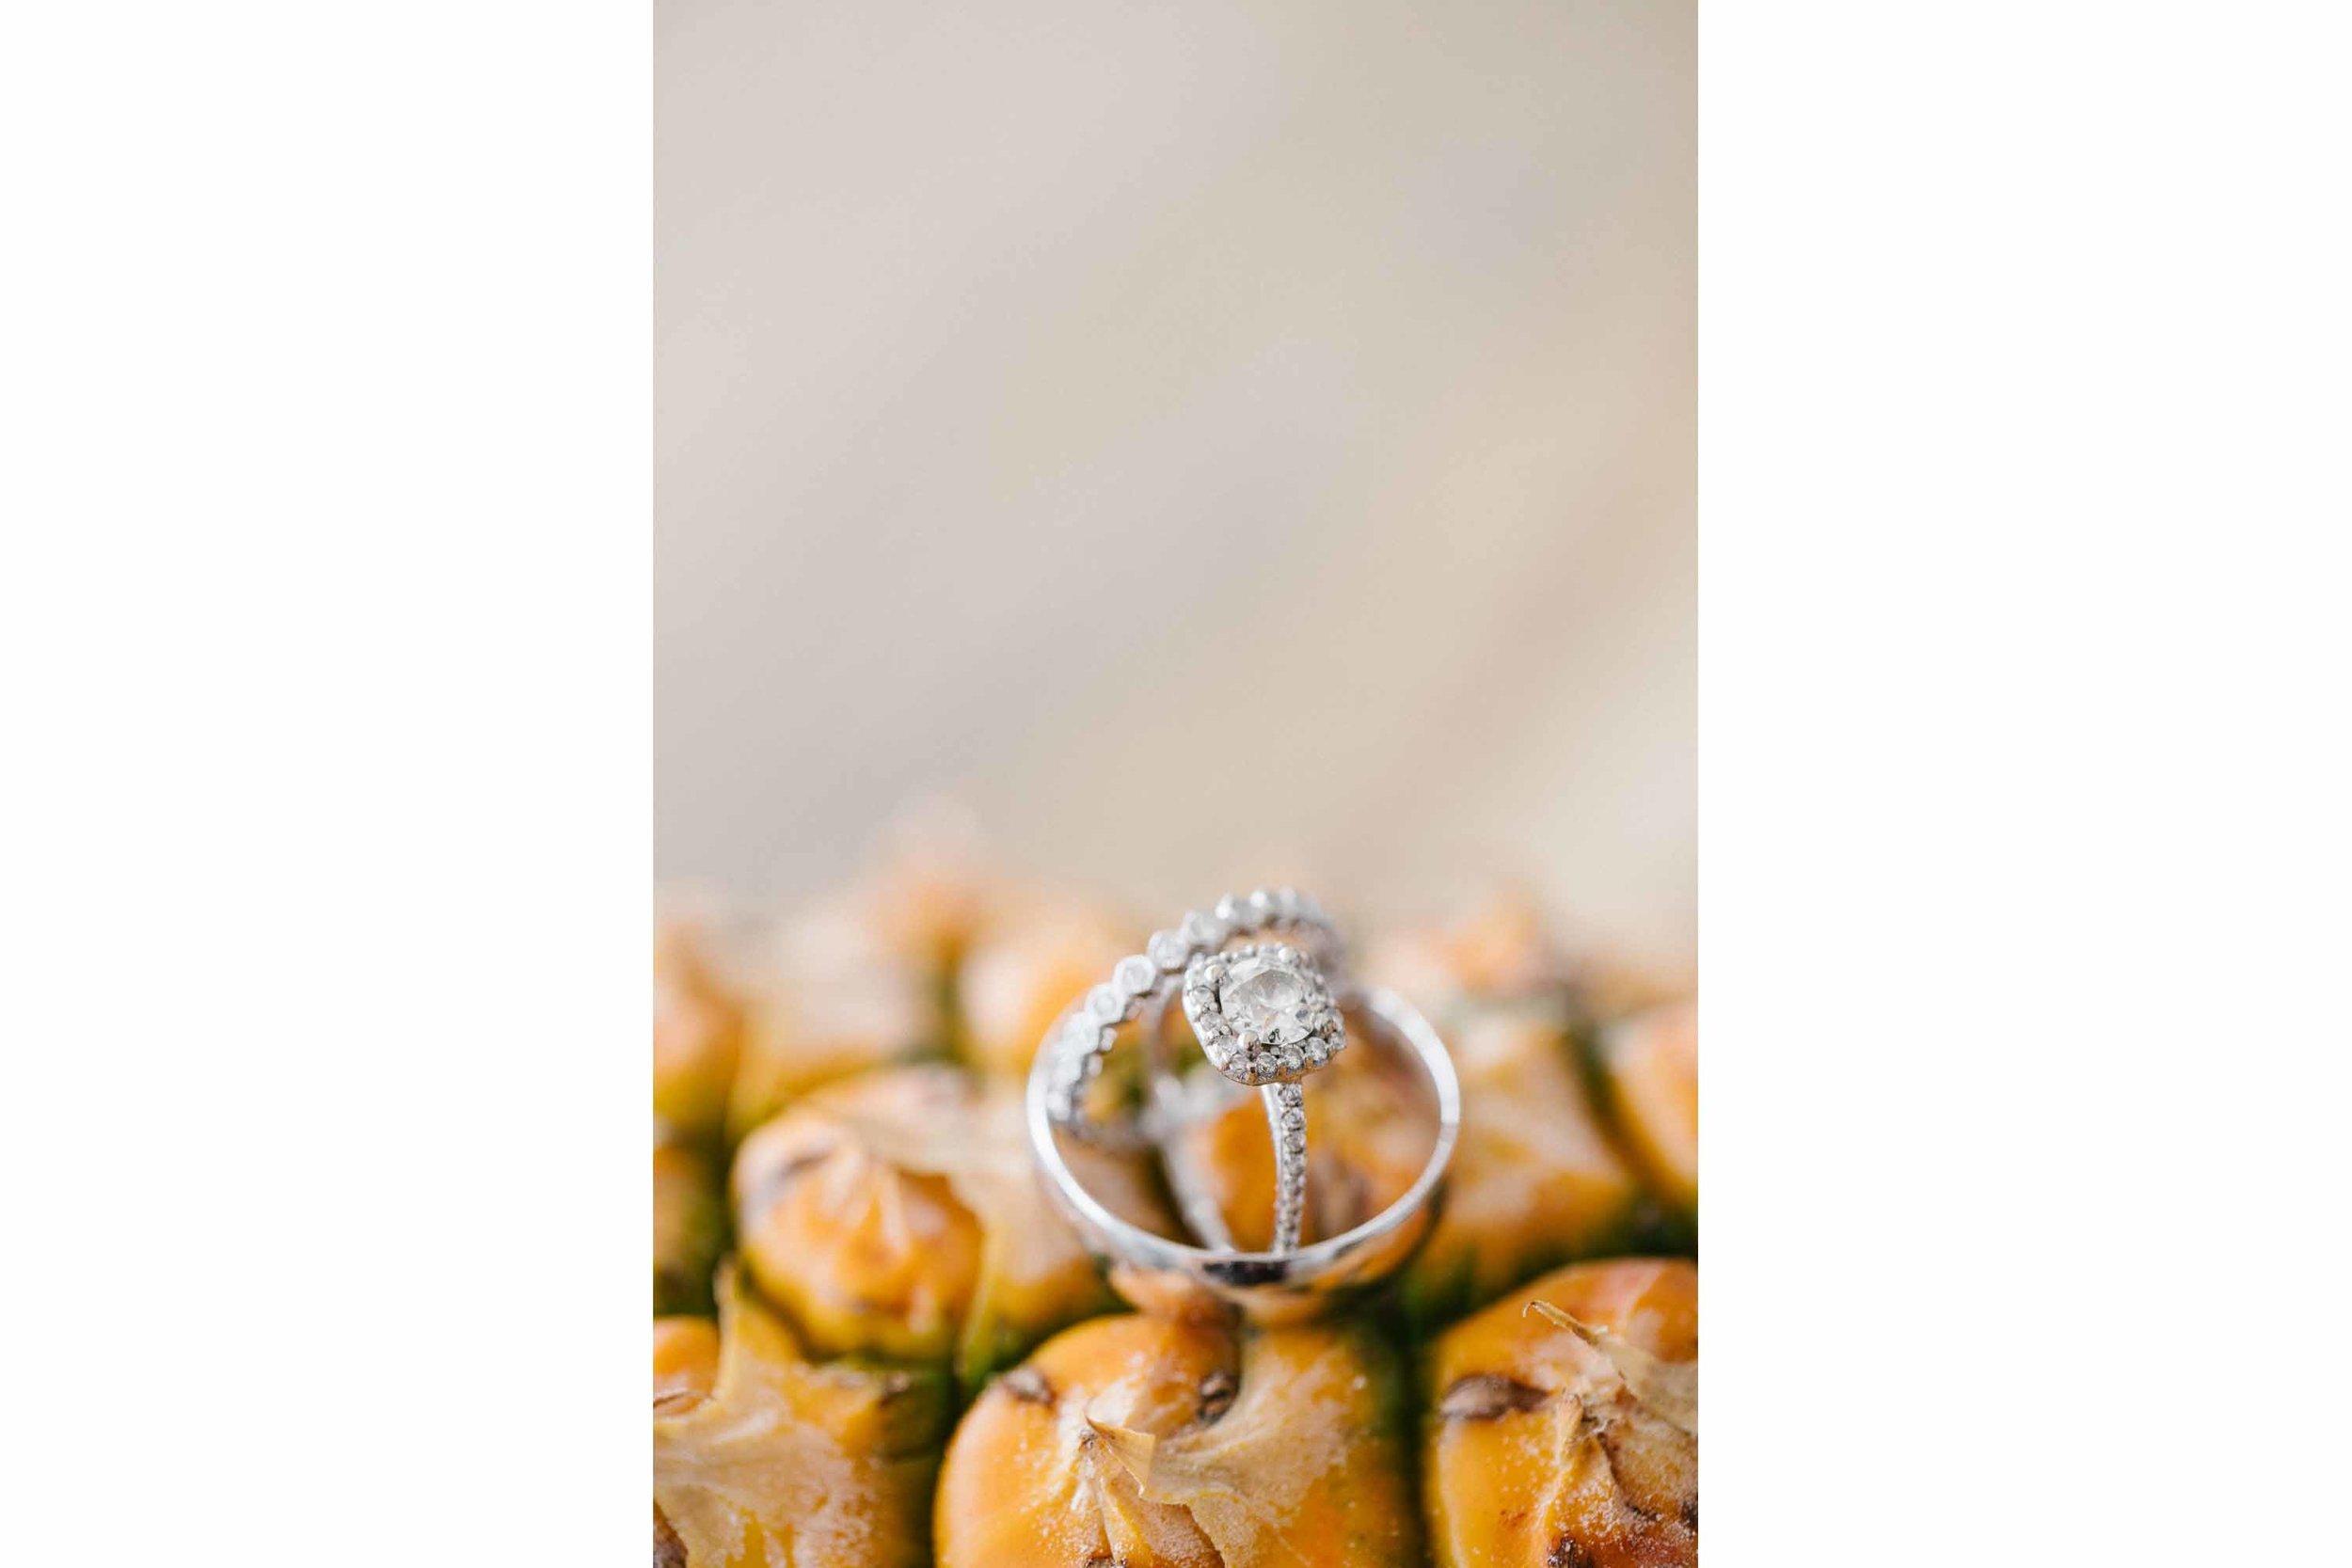 Hawaii-Wedding-Photography-9263.jpg